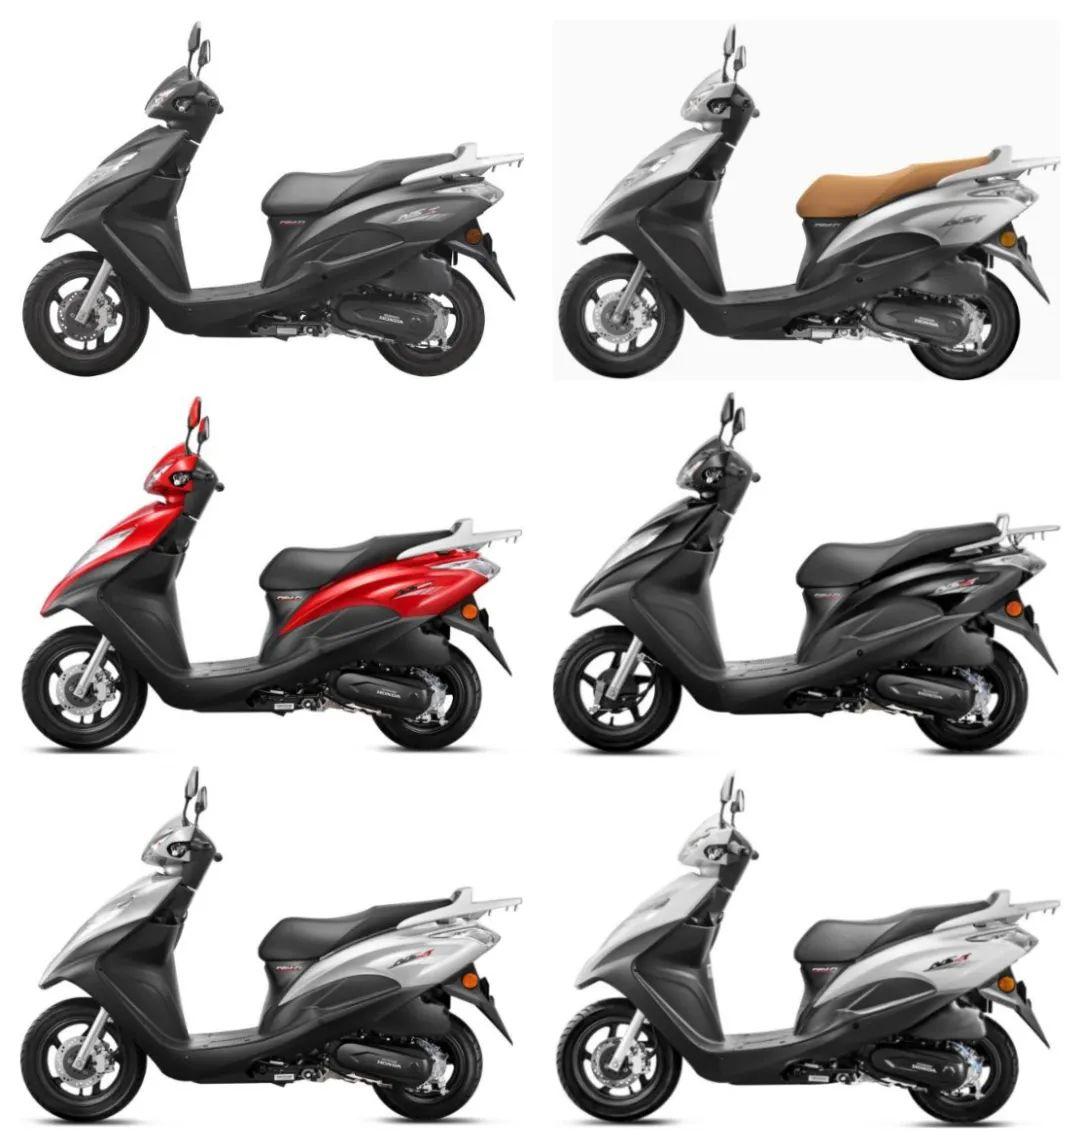 新大洲本田NS125T动态测评: 新款U 却只要NS的价格 时尚通勤小踏板-第14张图片-春风行摩托车之家